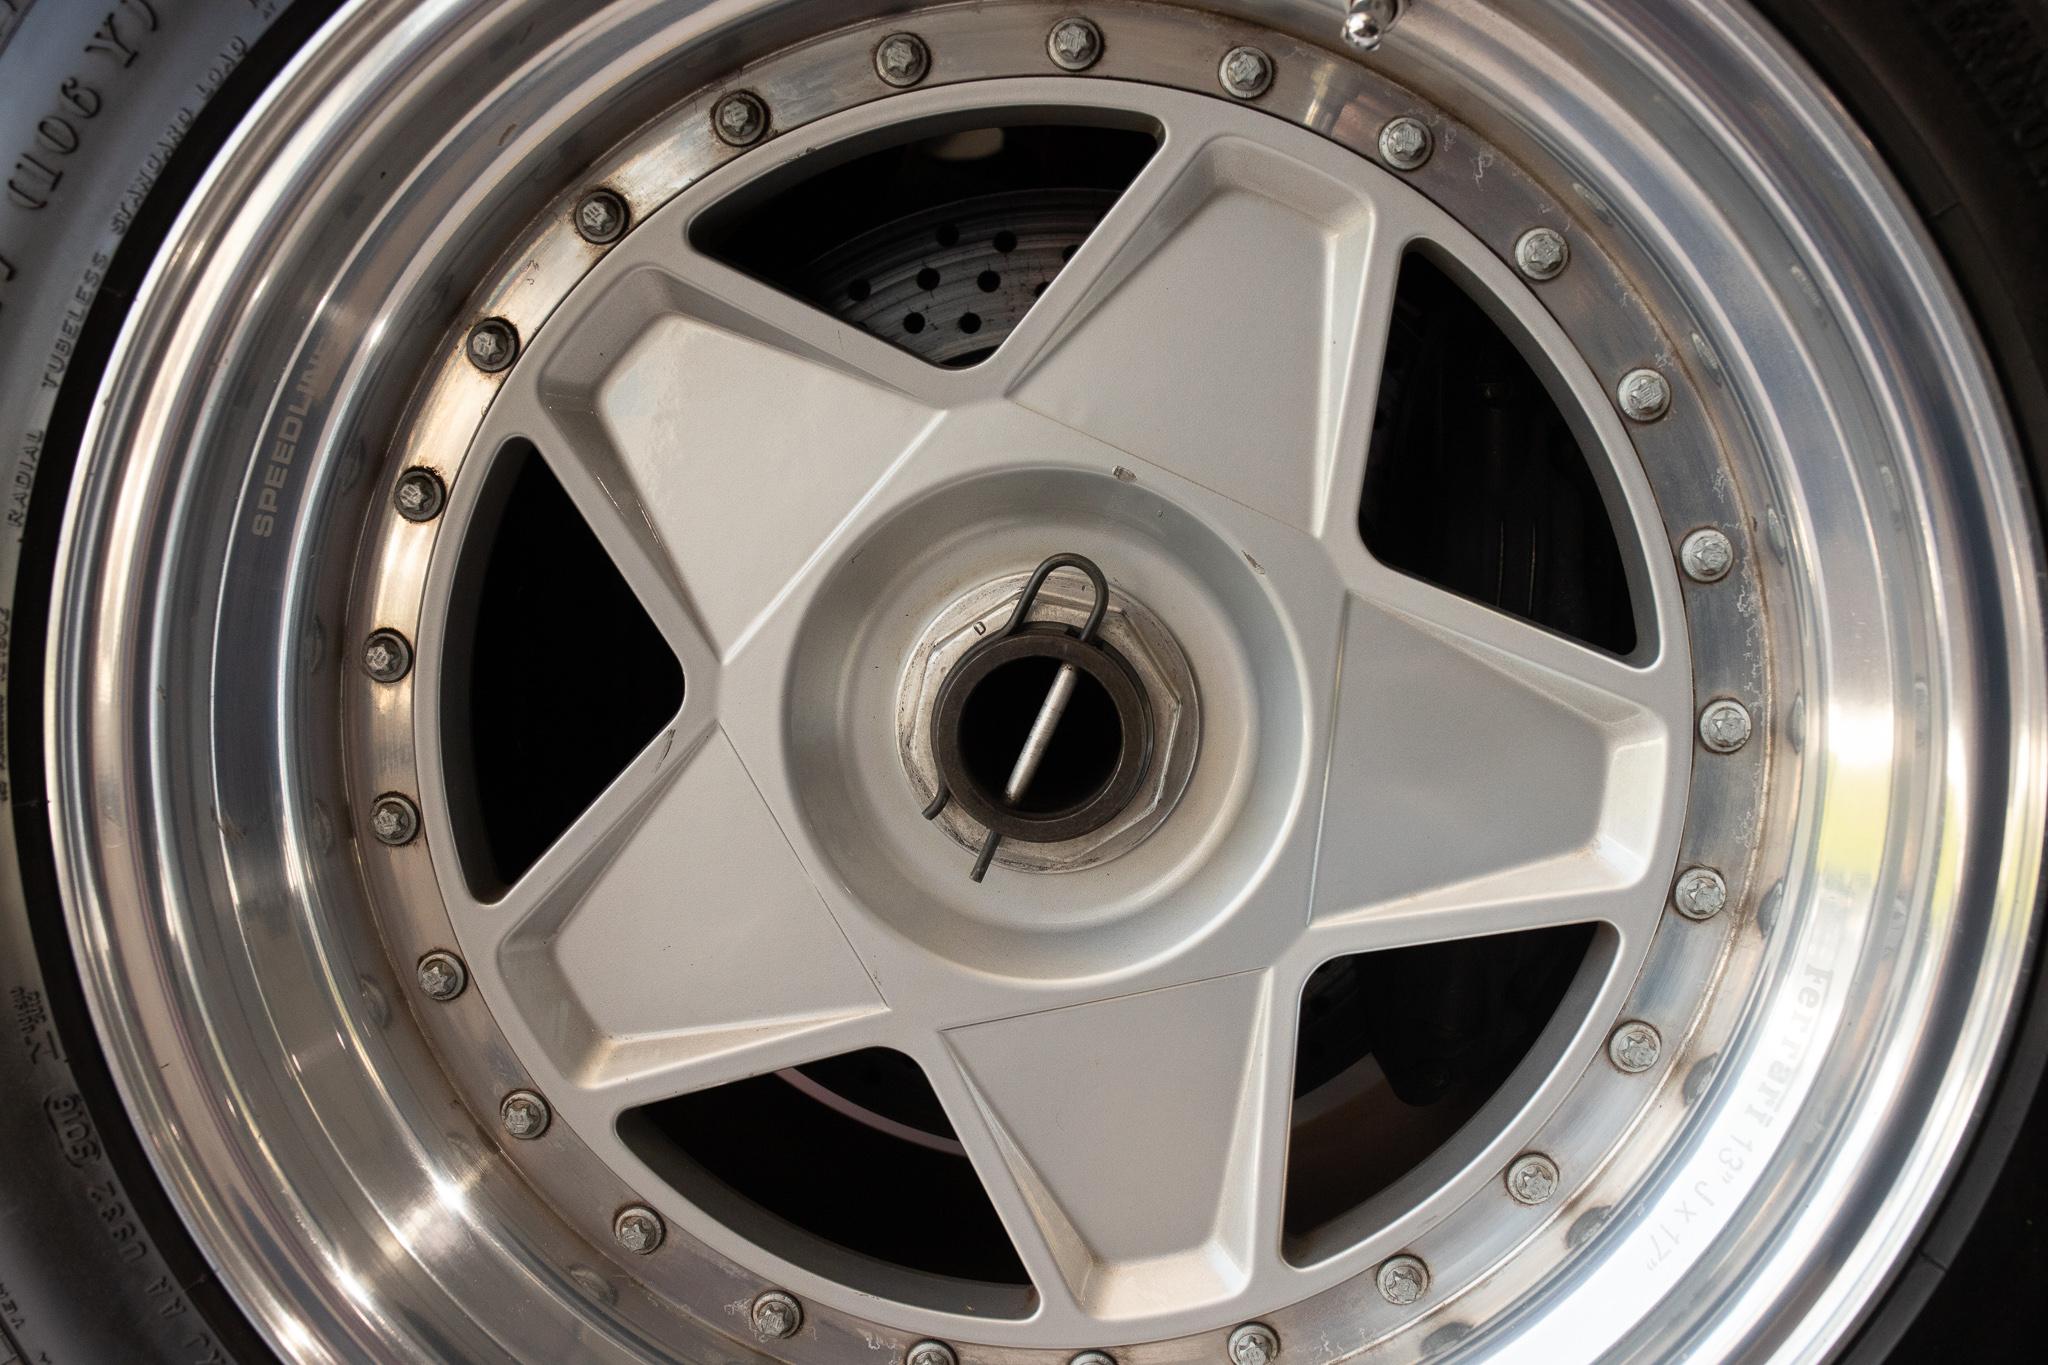 1991 Ferrari F40 wheel spare detail